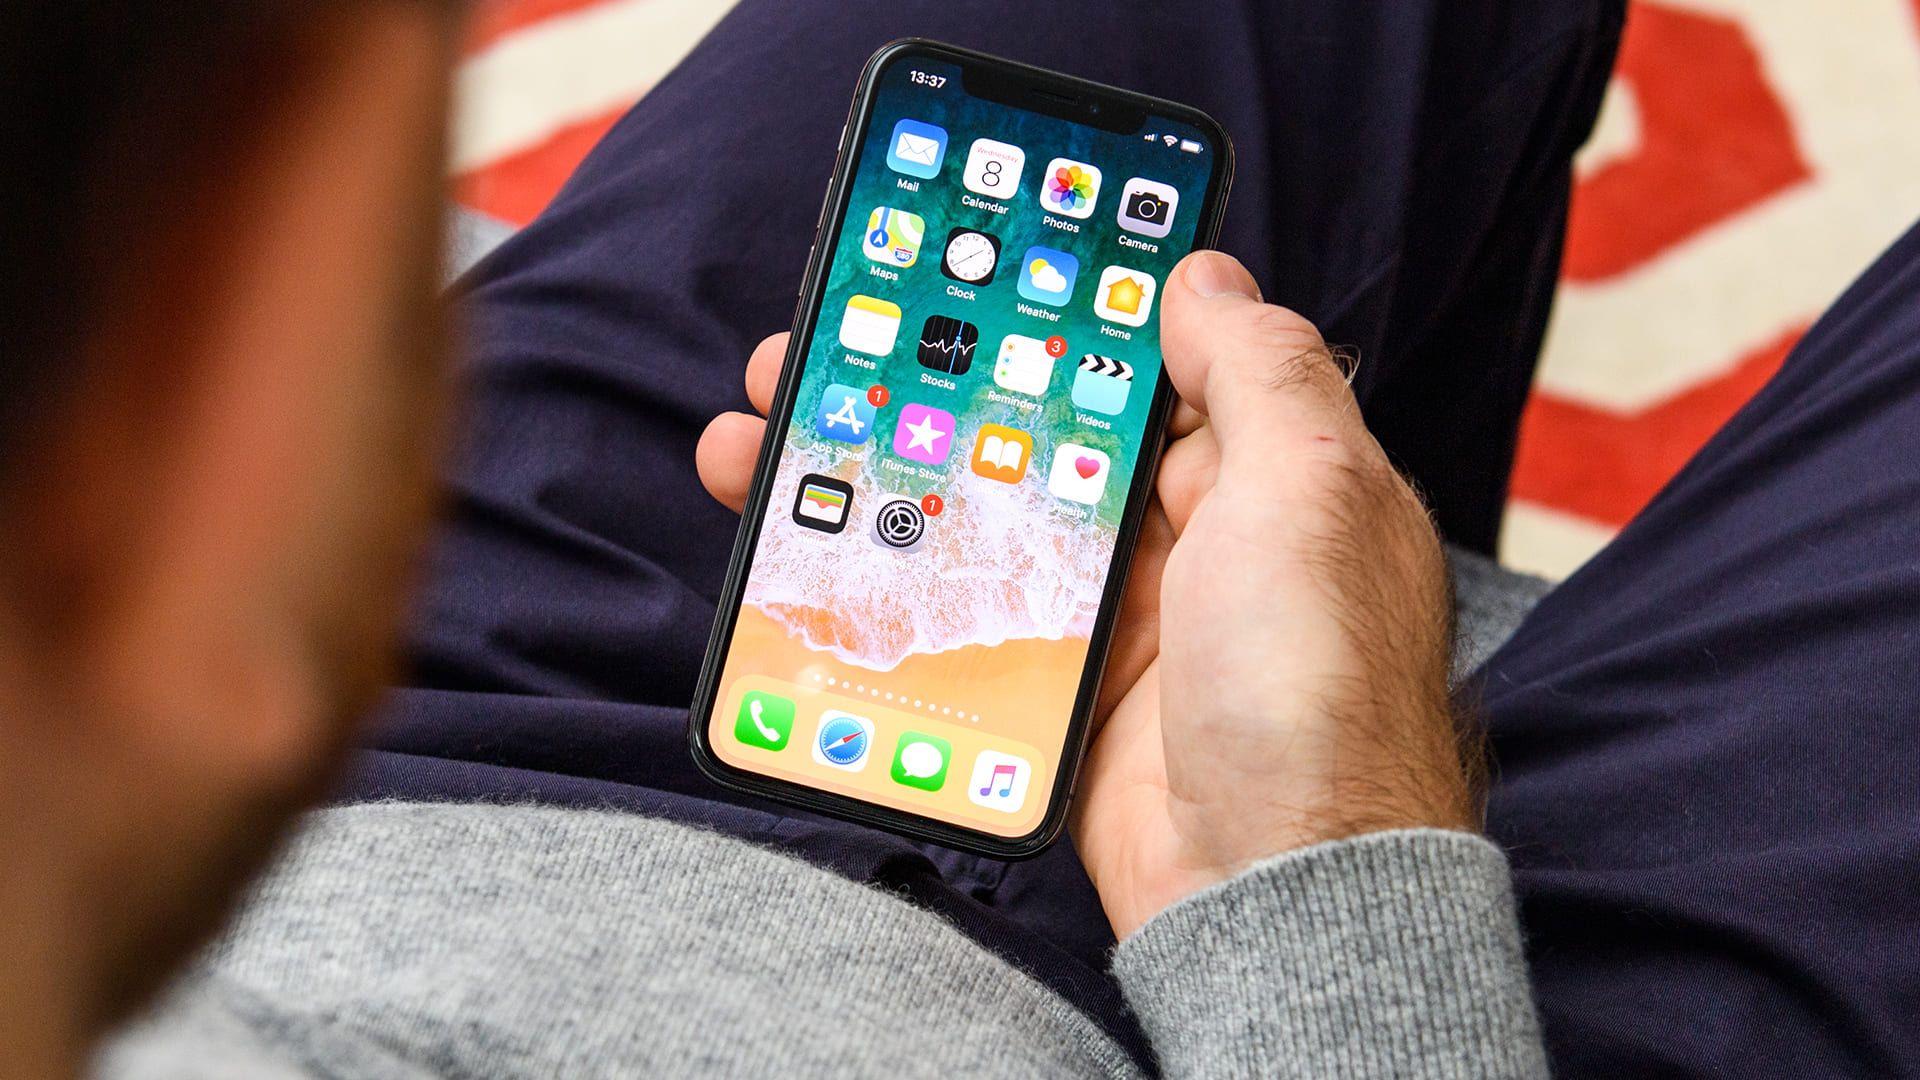 Os smartphones são os produtos mais procurados na Black Friday (Shutterstock)